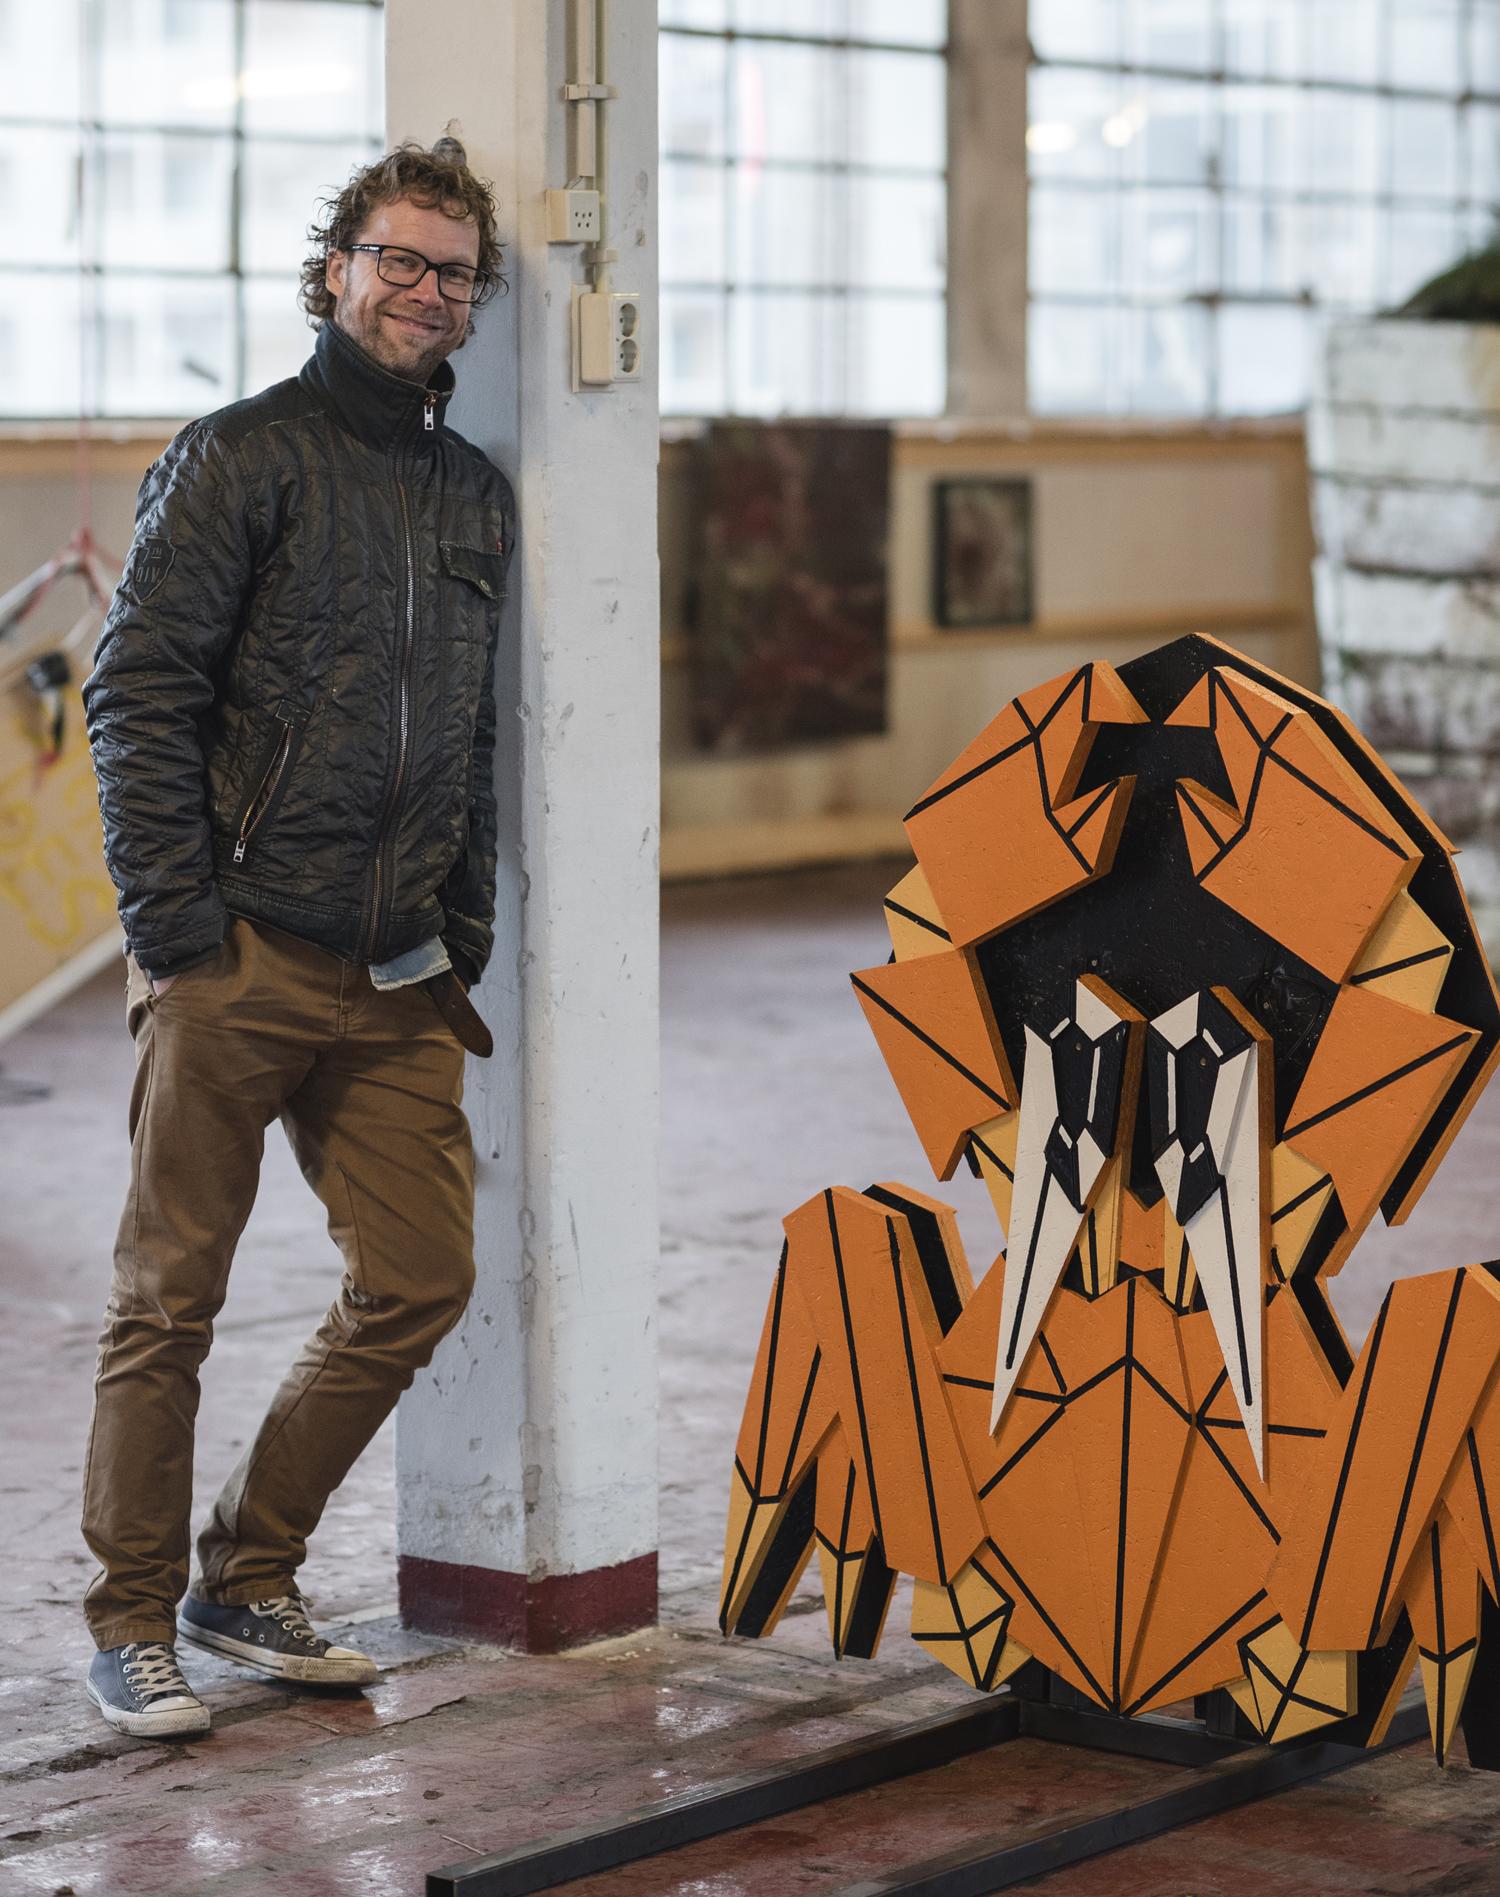 Lars de Ruijter Angulars - About me